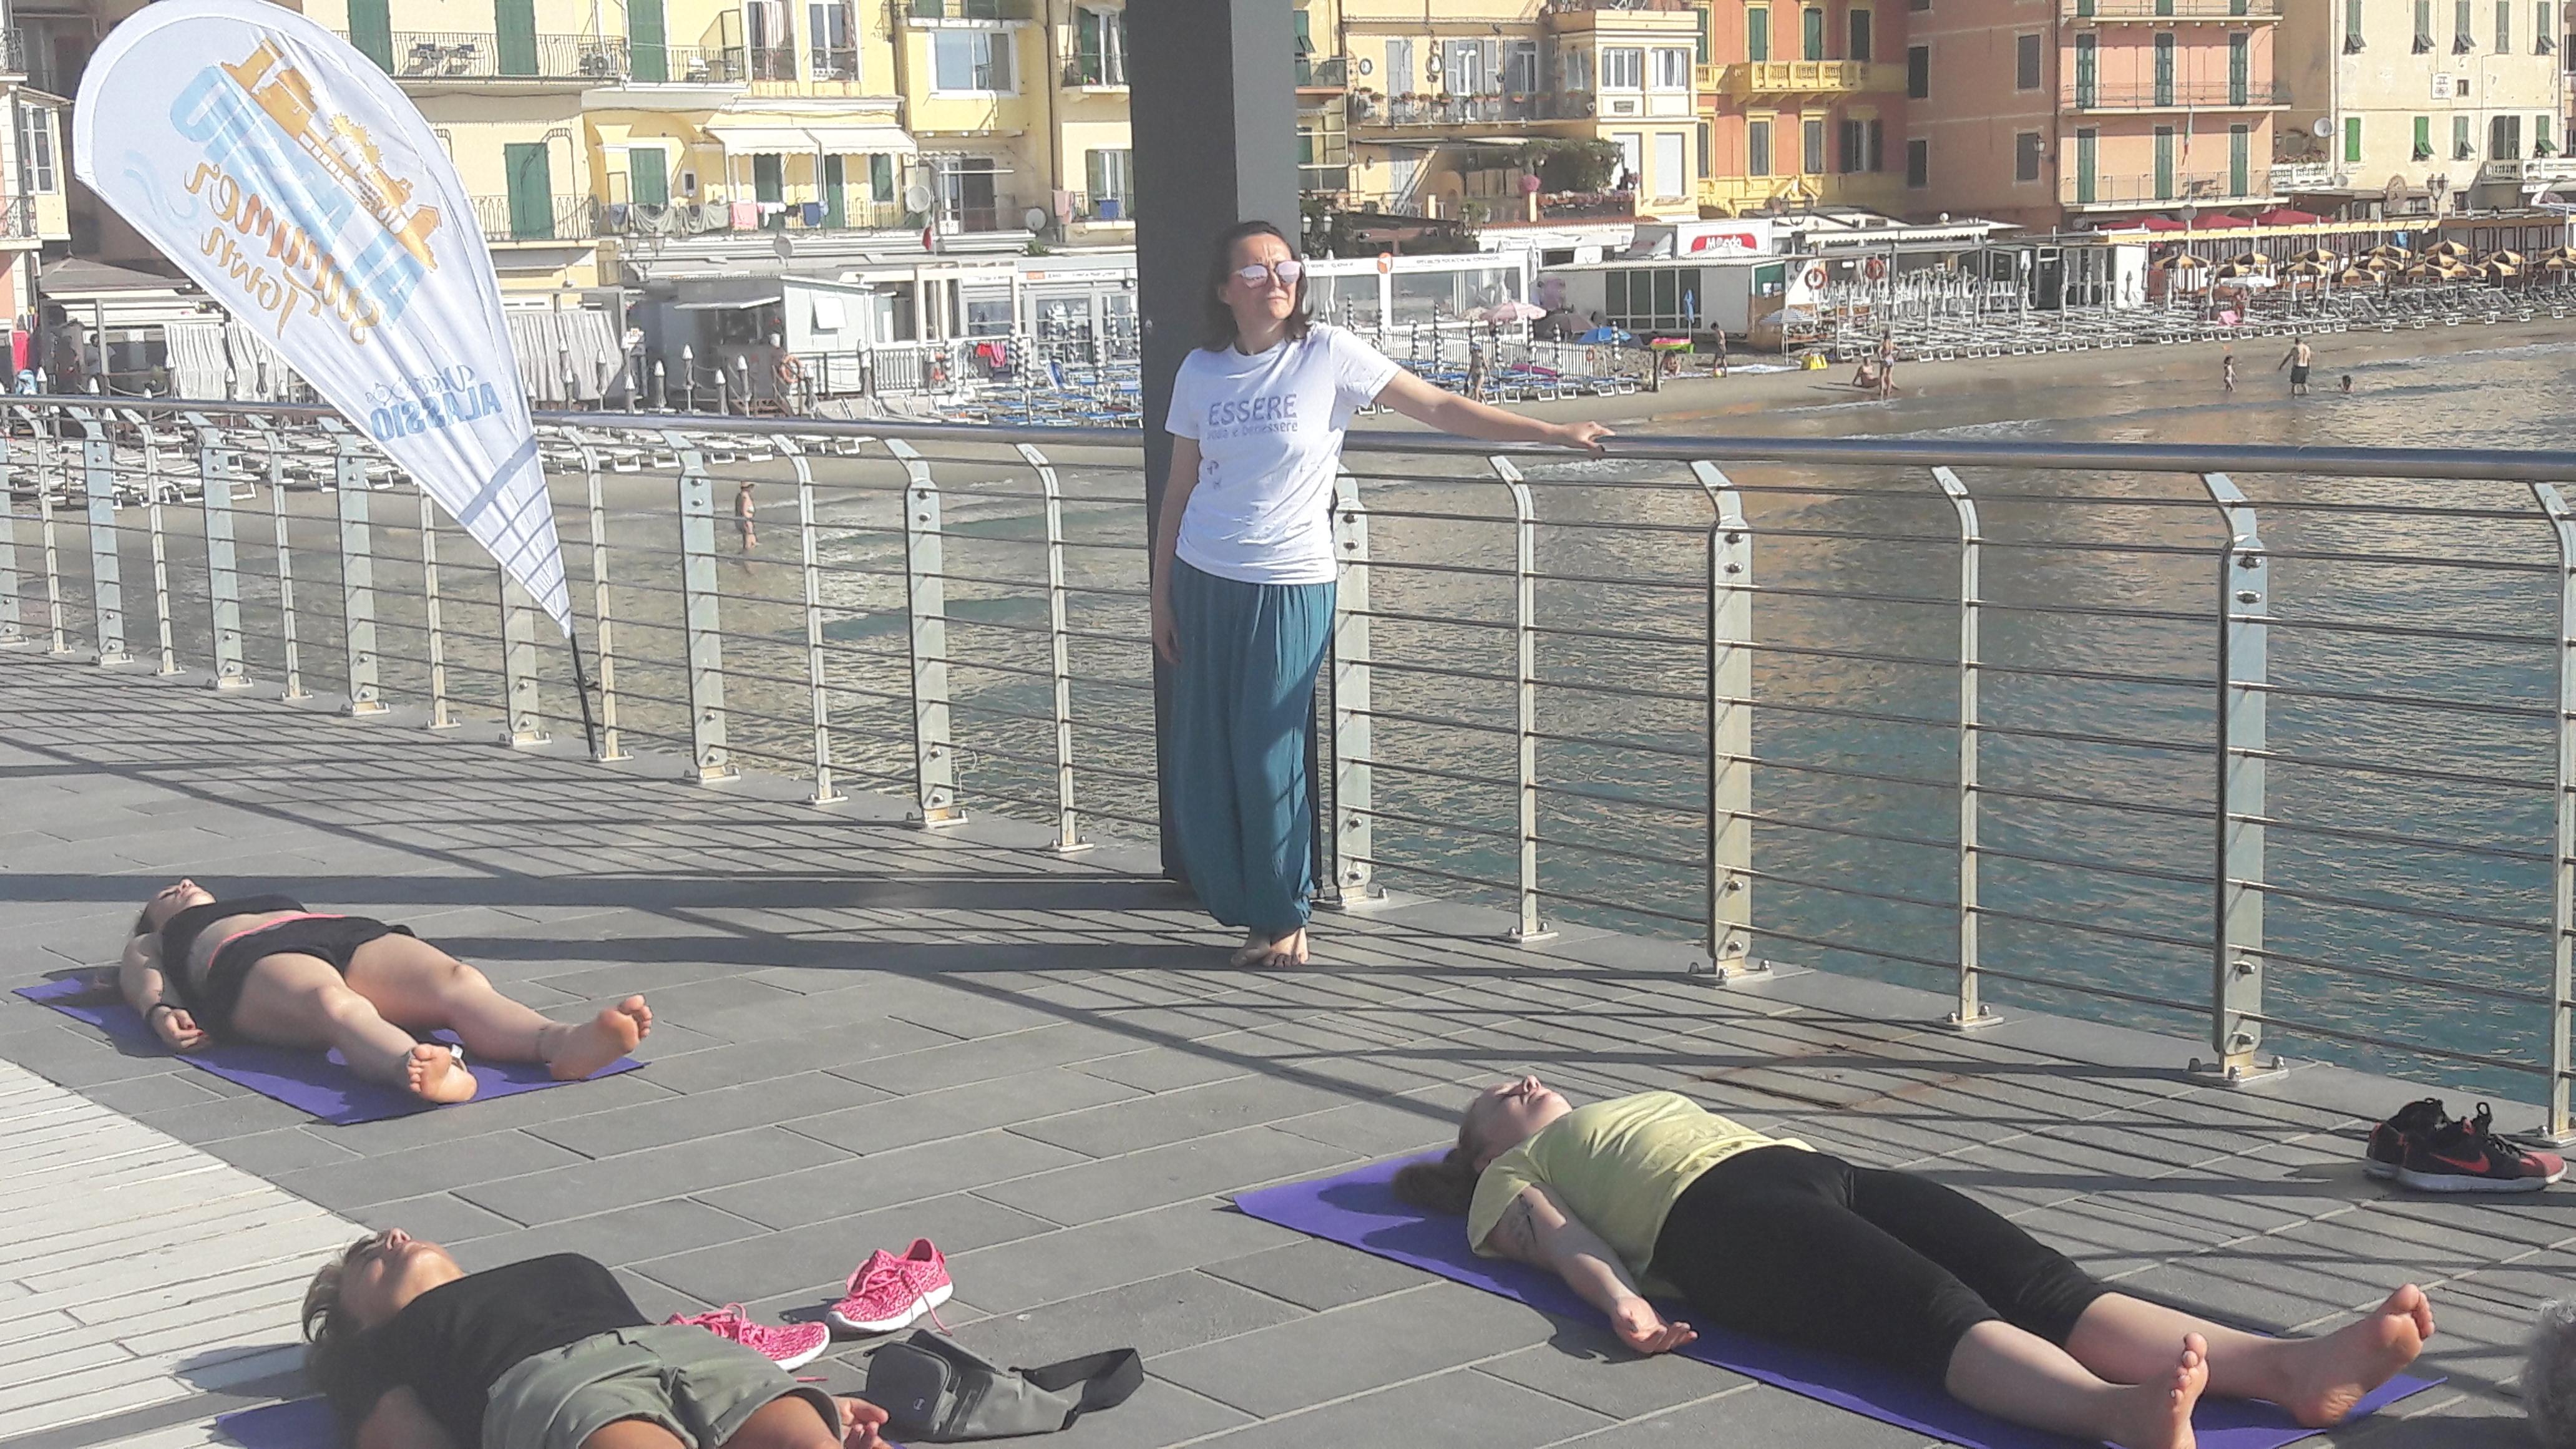 1_essere-free-yoga-gratuito-benessere-per-tutti-village-citta-alassio-estate-lucia-ragazzi-summer-town-wellness-006